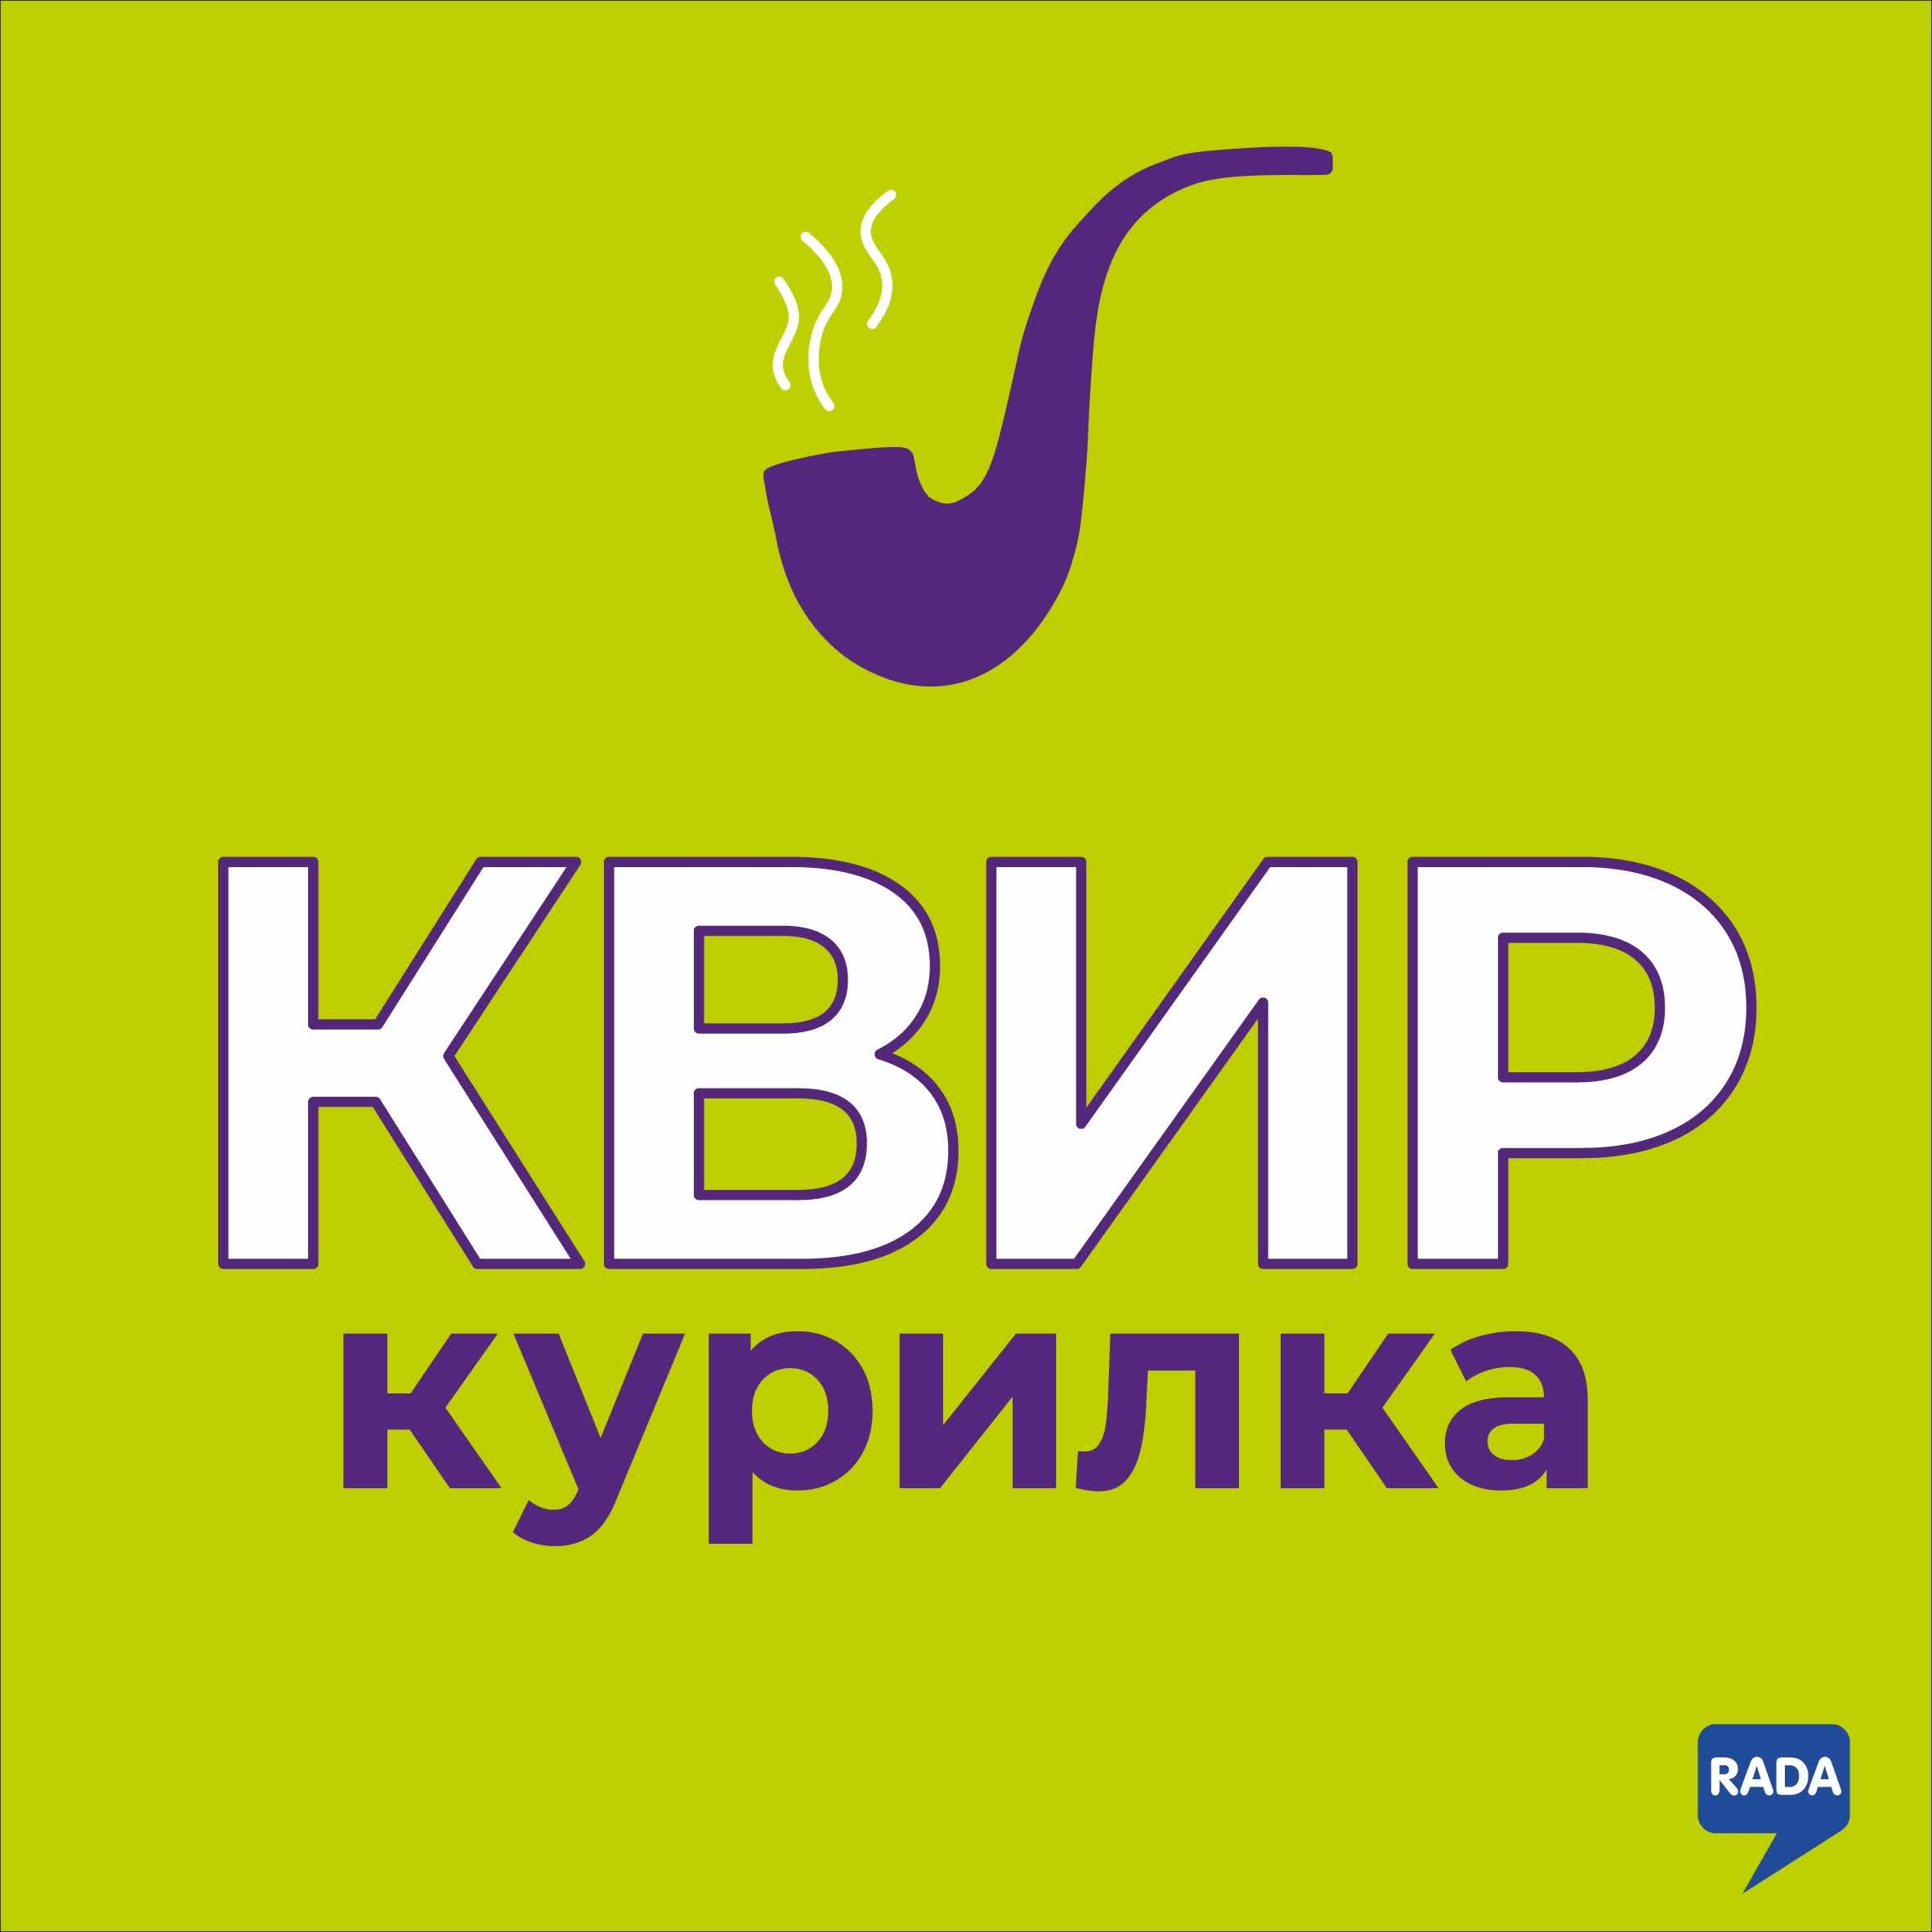 Первый выпуск. Преступление и наказание, протест в Беларуси и свет в аэропорту